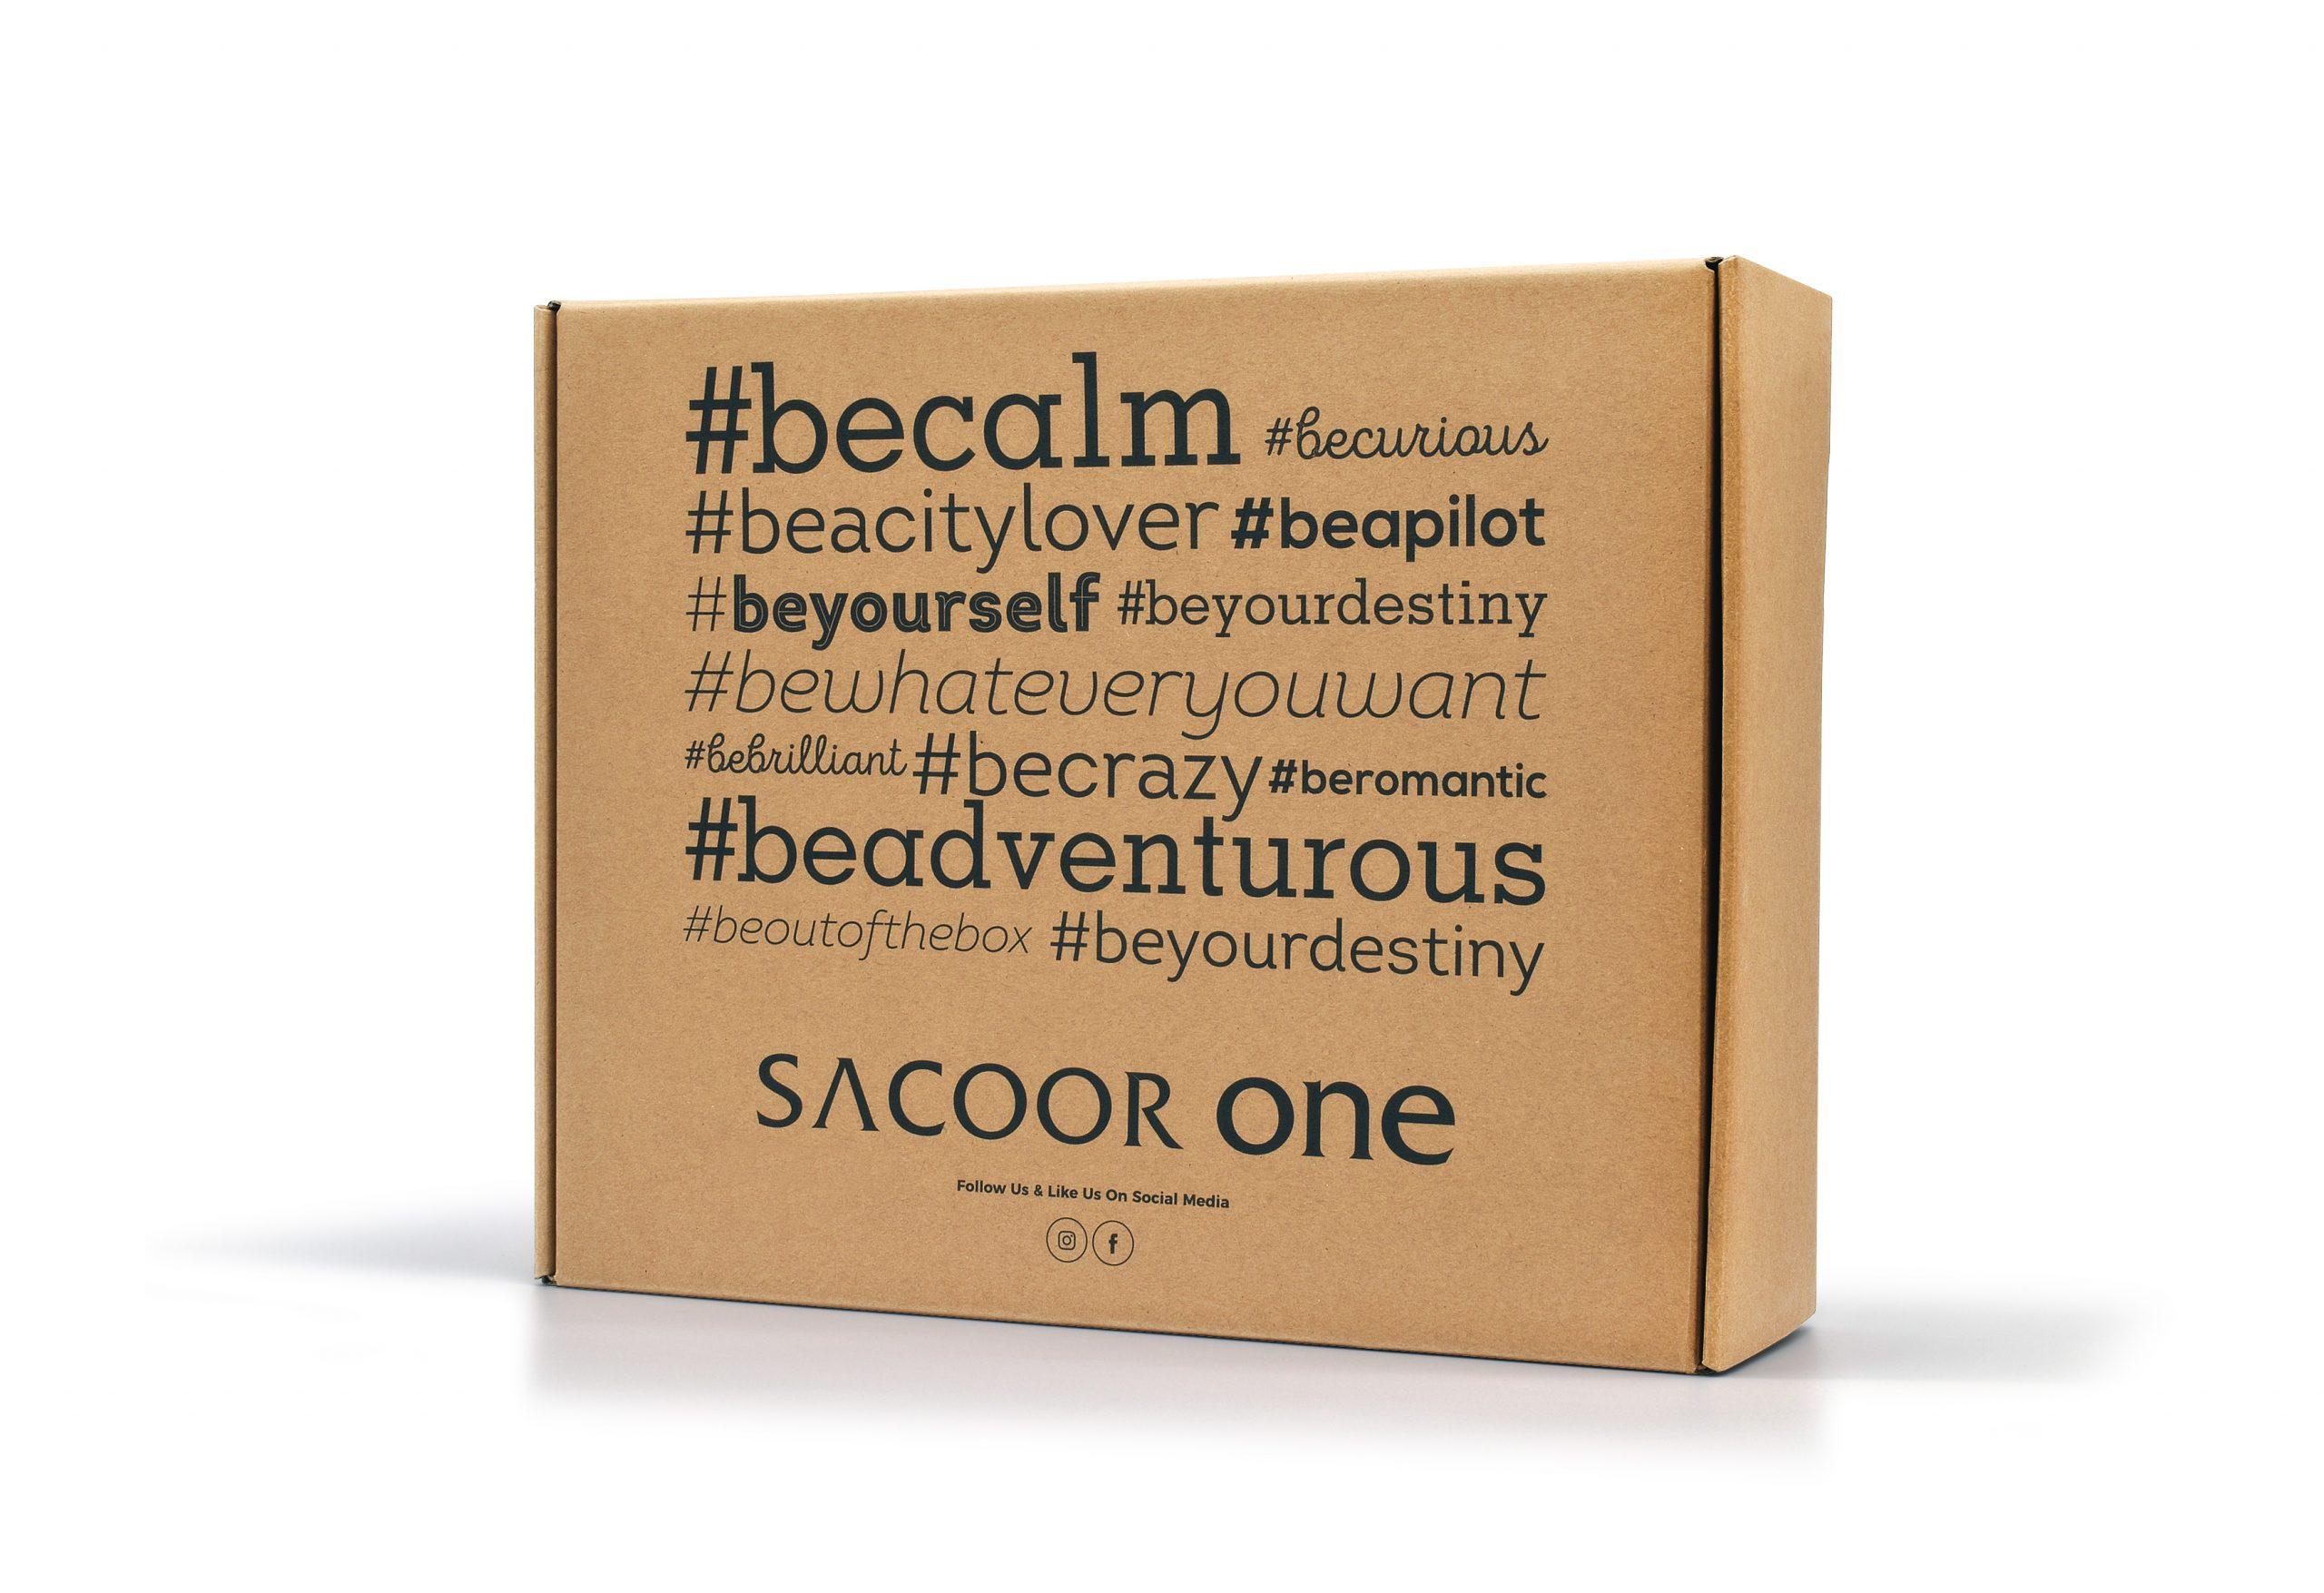 Sacoor One_embalagem_cartão